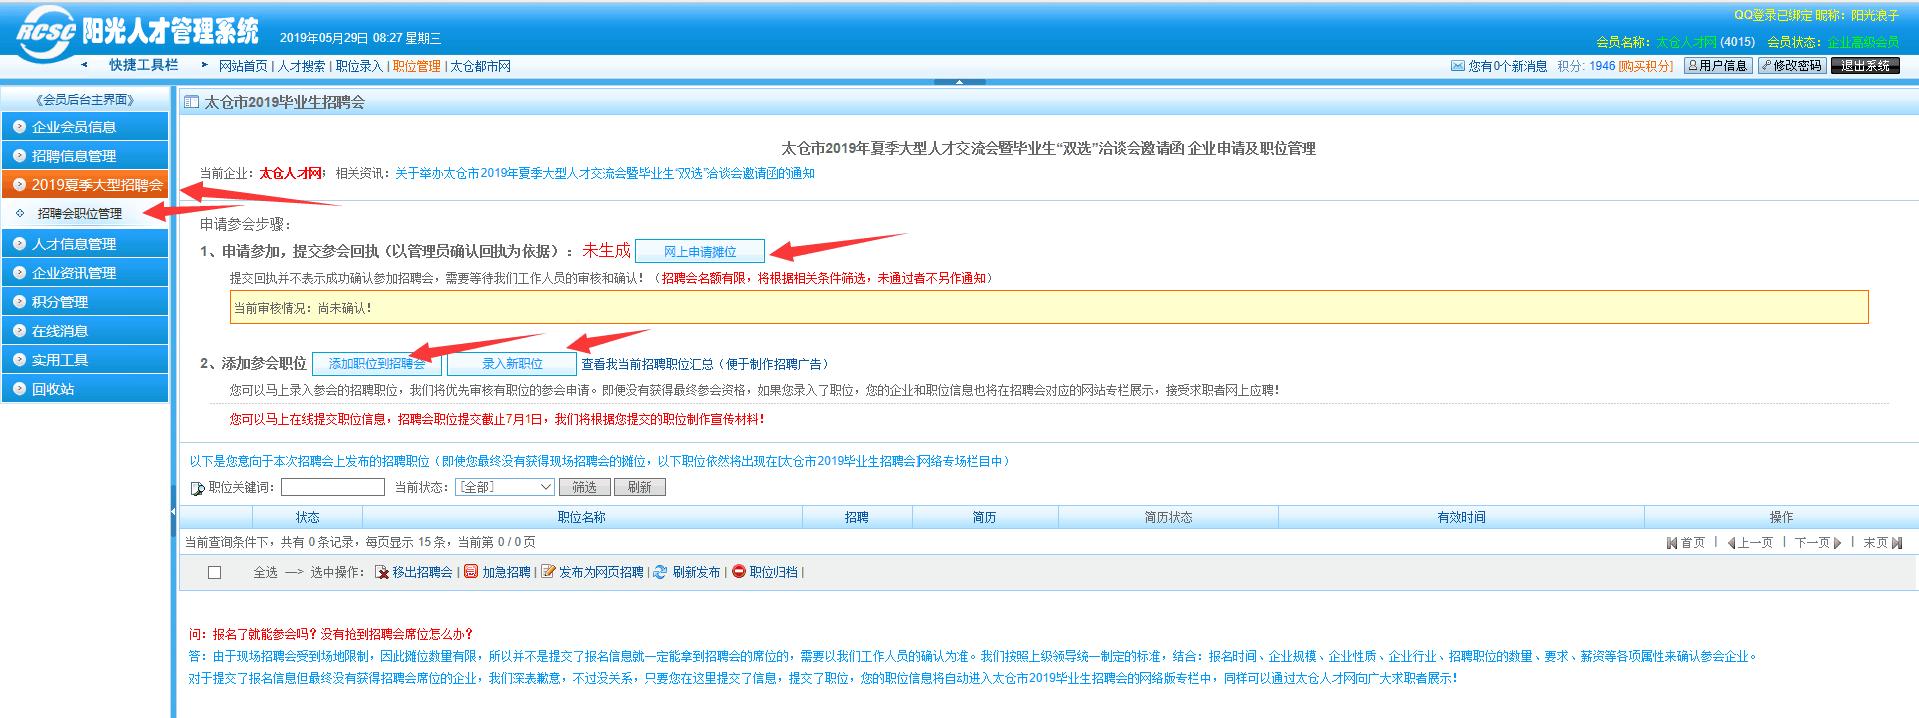 2019夏季大型招聘会参会指南